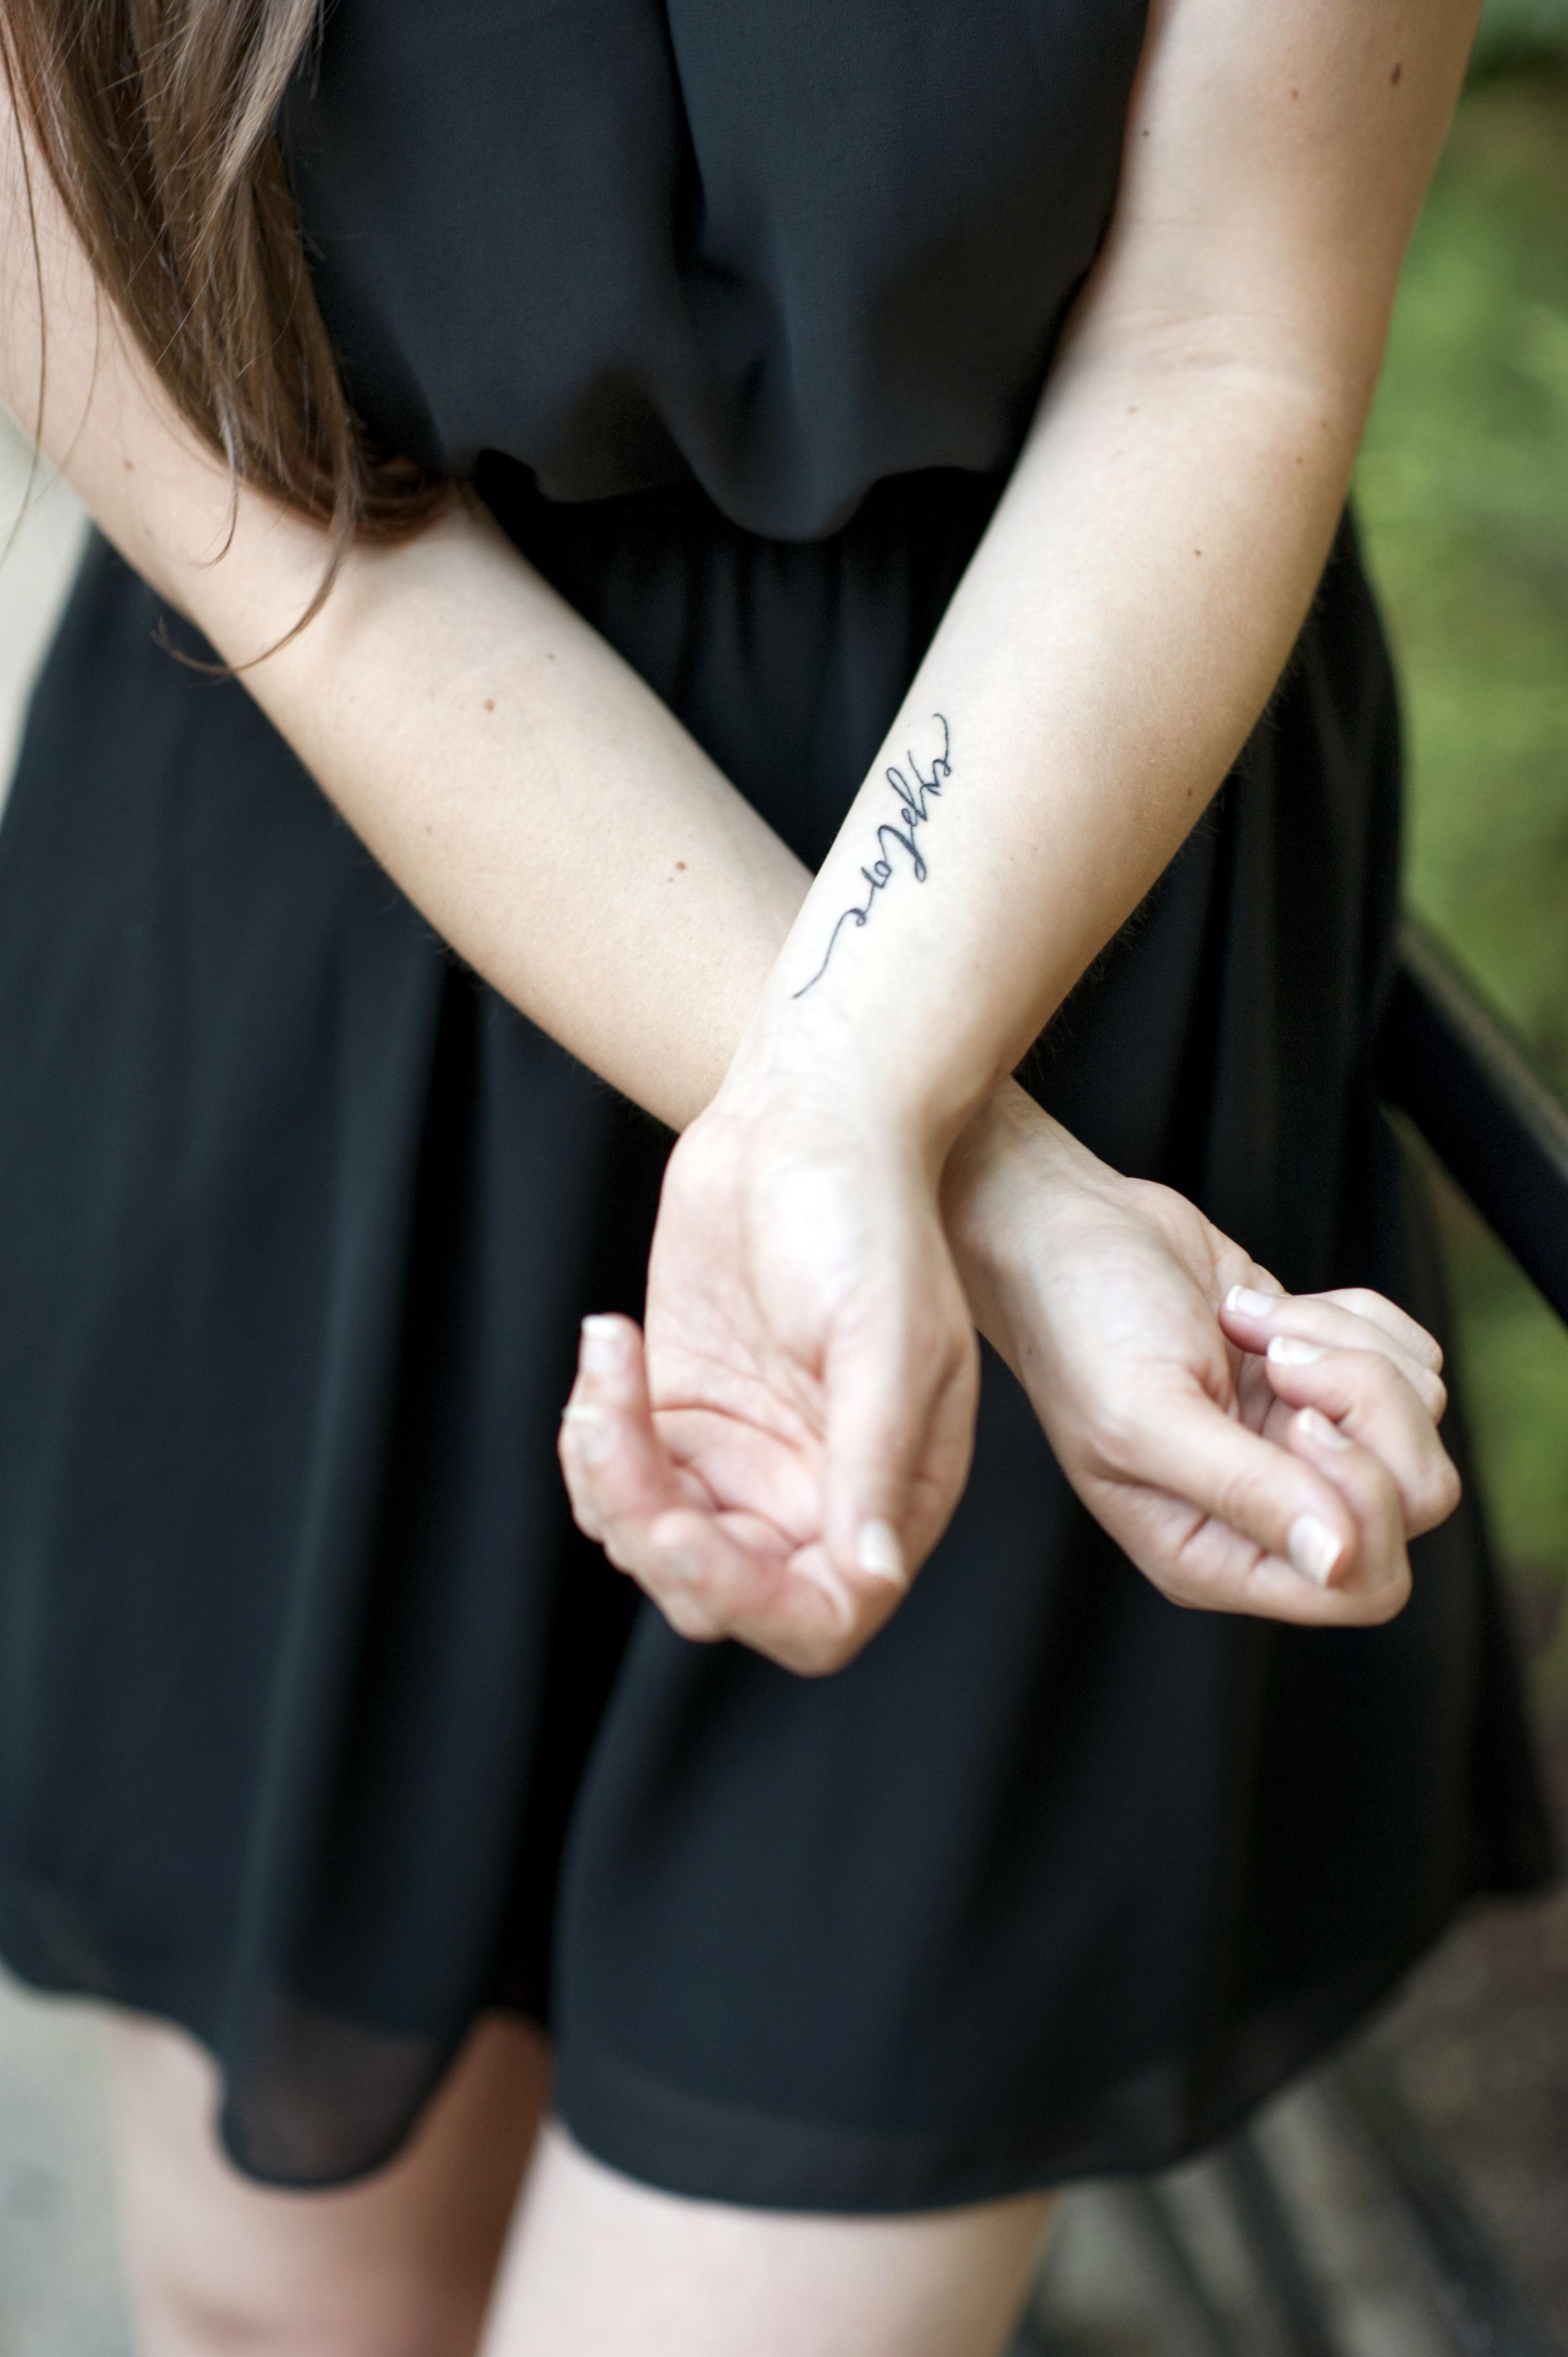 mikkelpaige-explore-tattoo-01.jpg